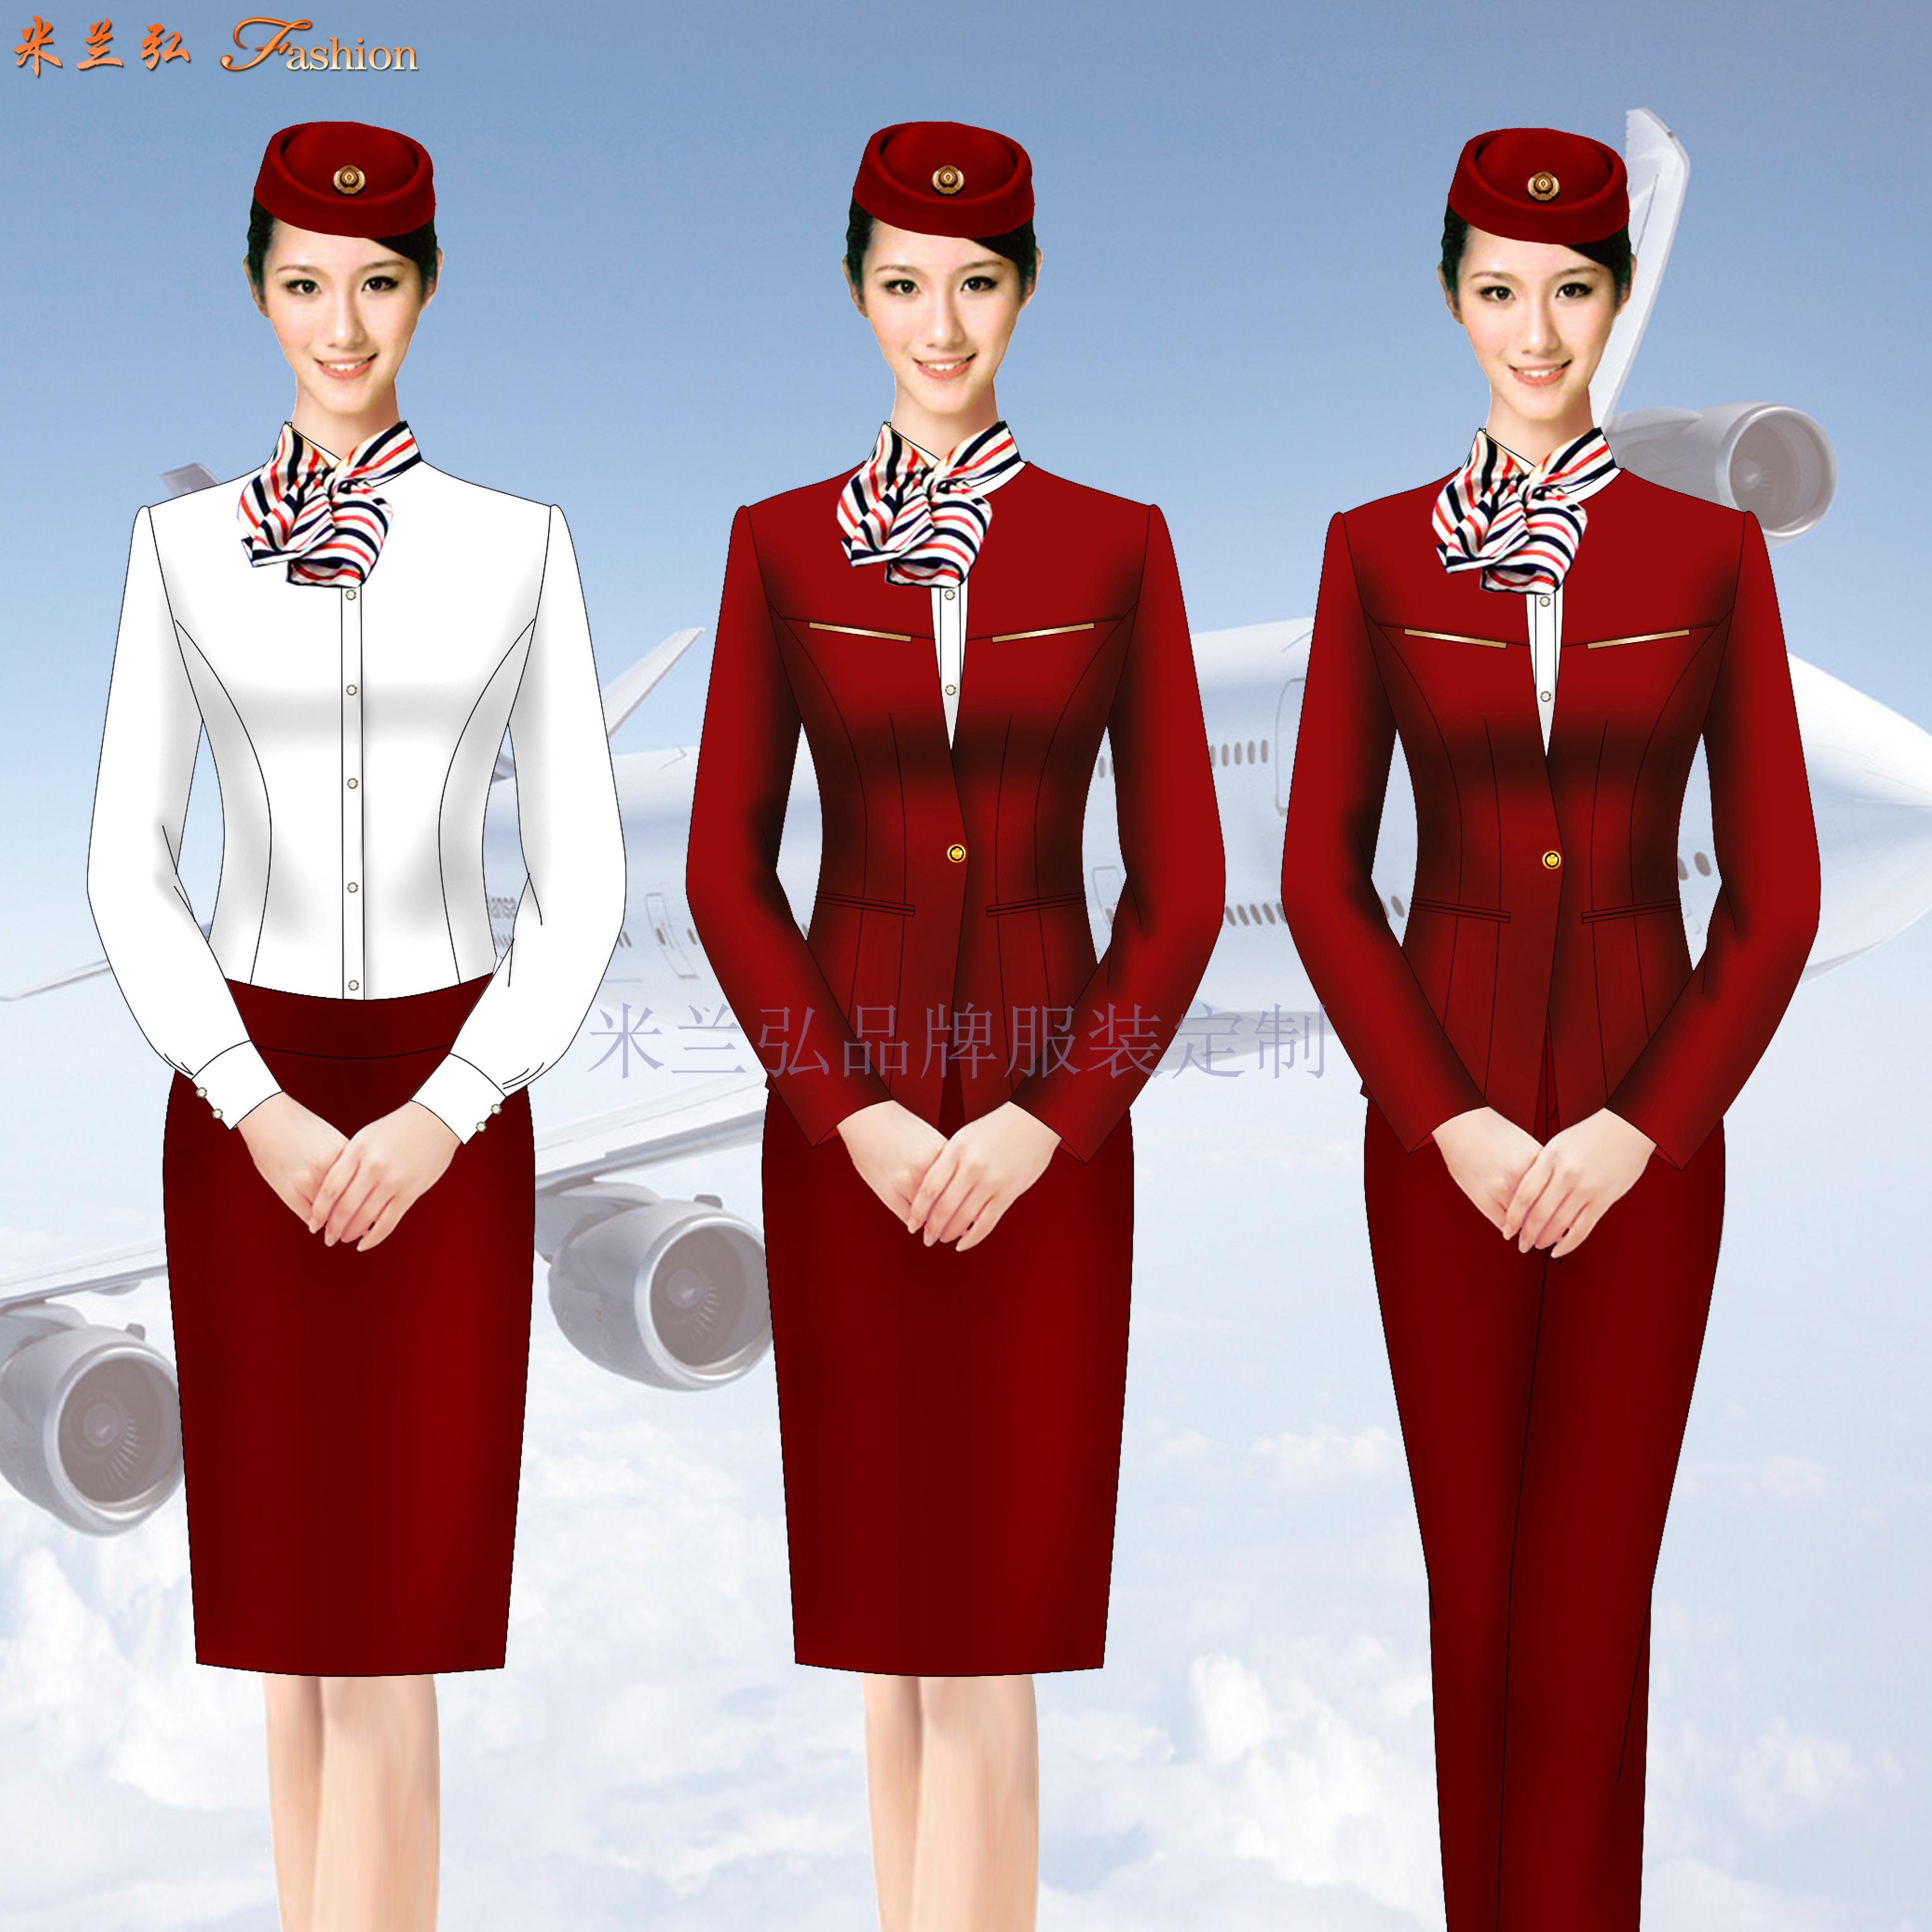 京津冀高鐵動車乘務制服定做-選擇款式時髦的服裝品牌-米蘭弘-3